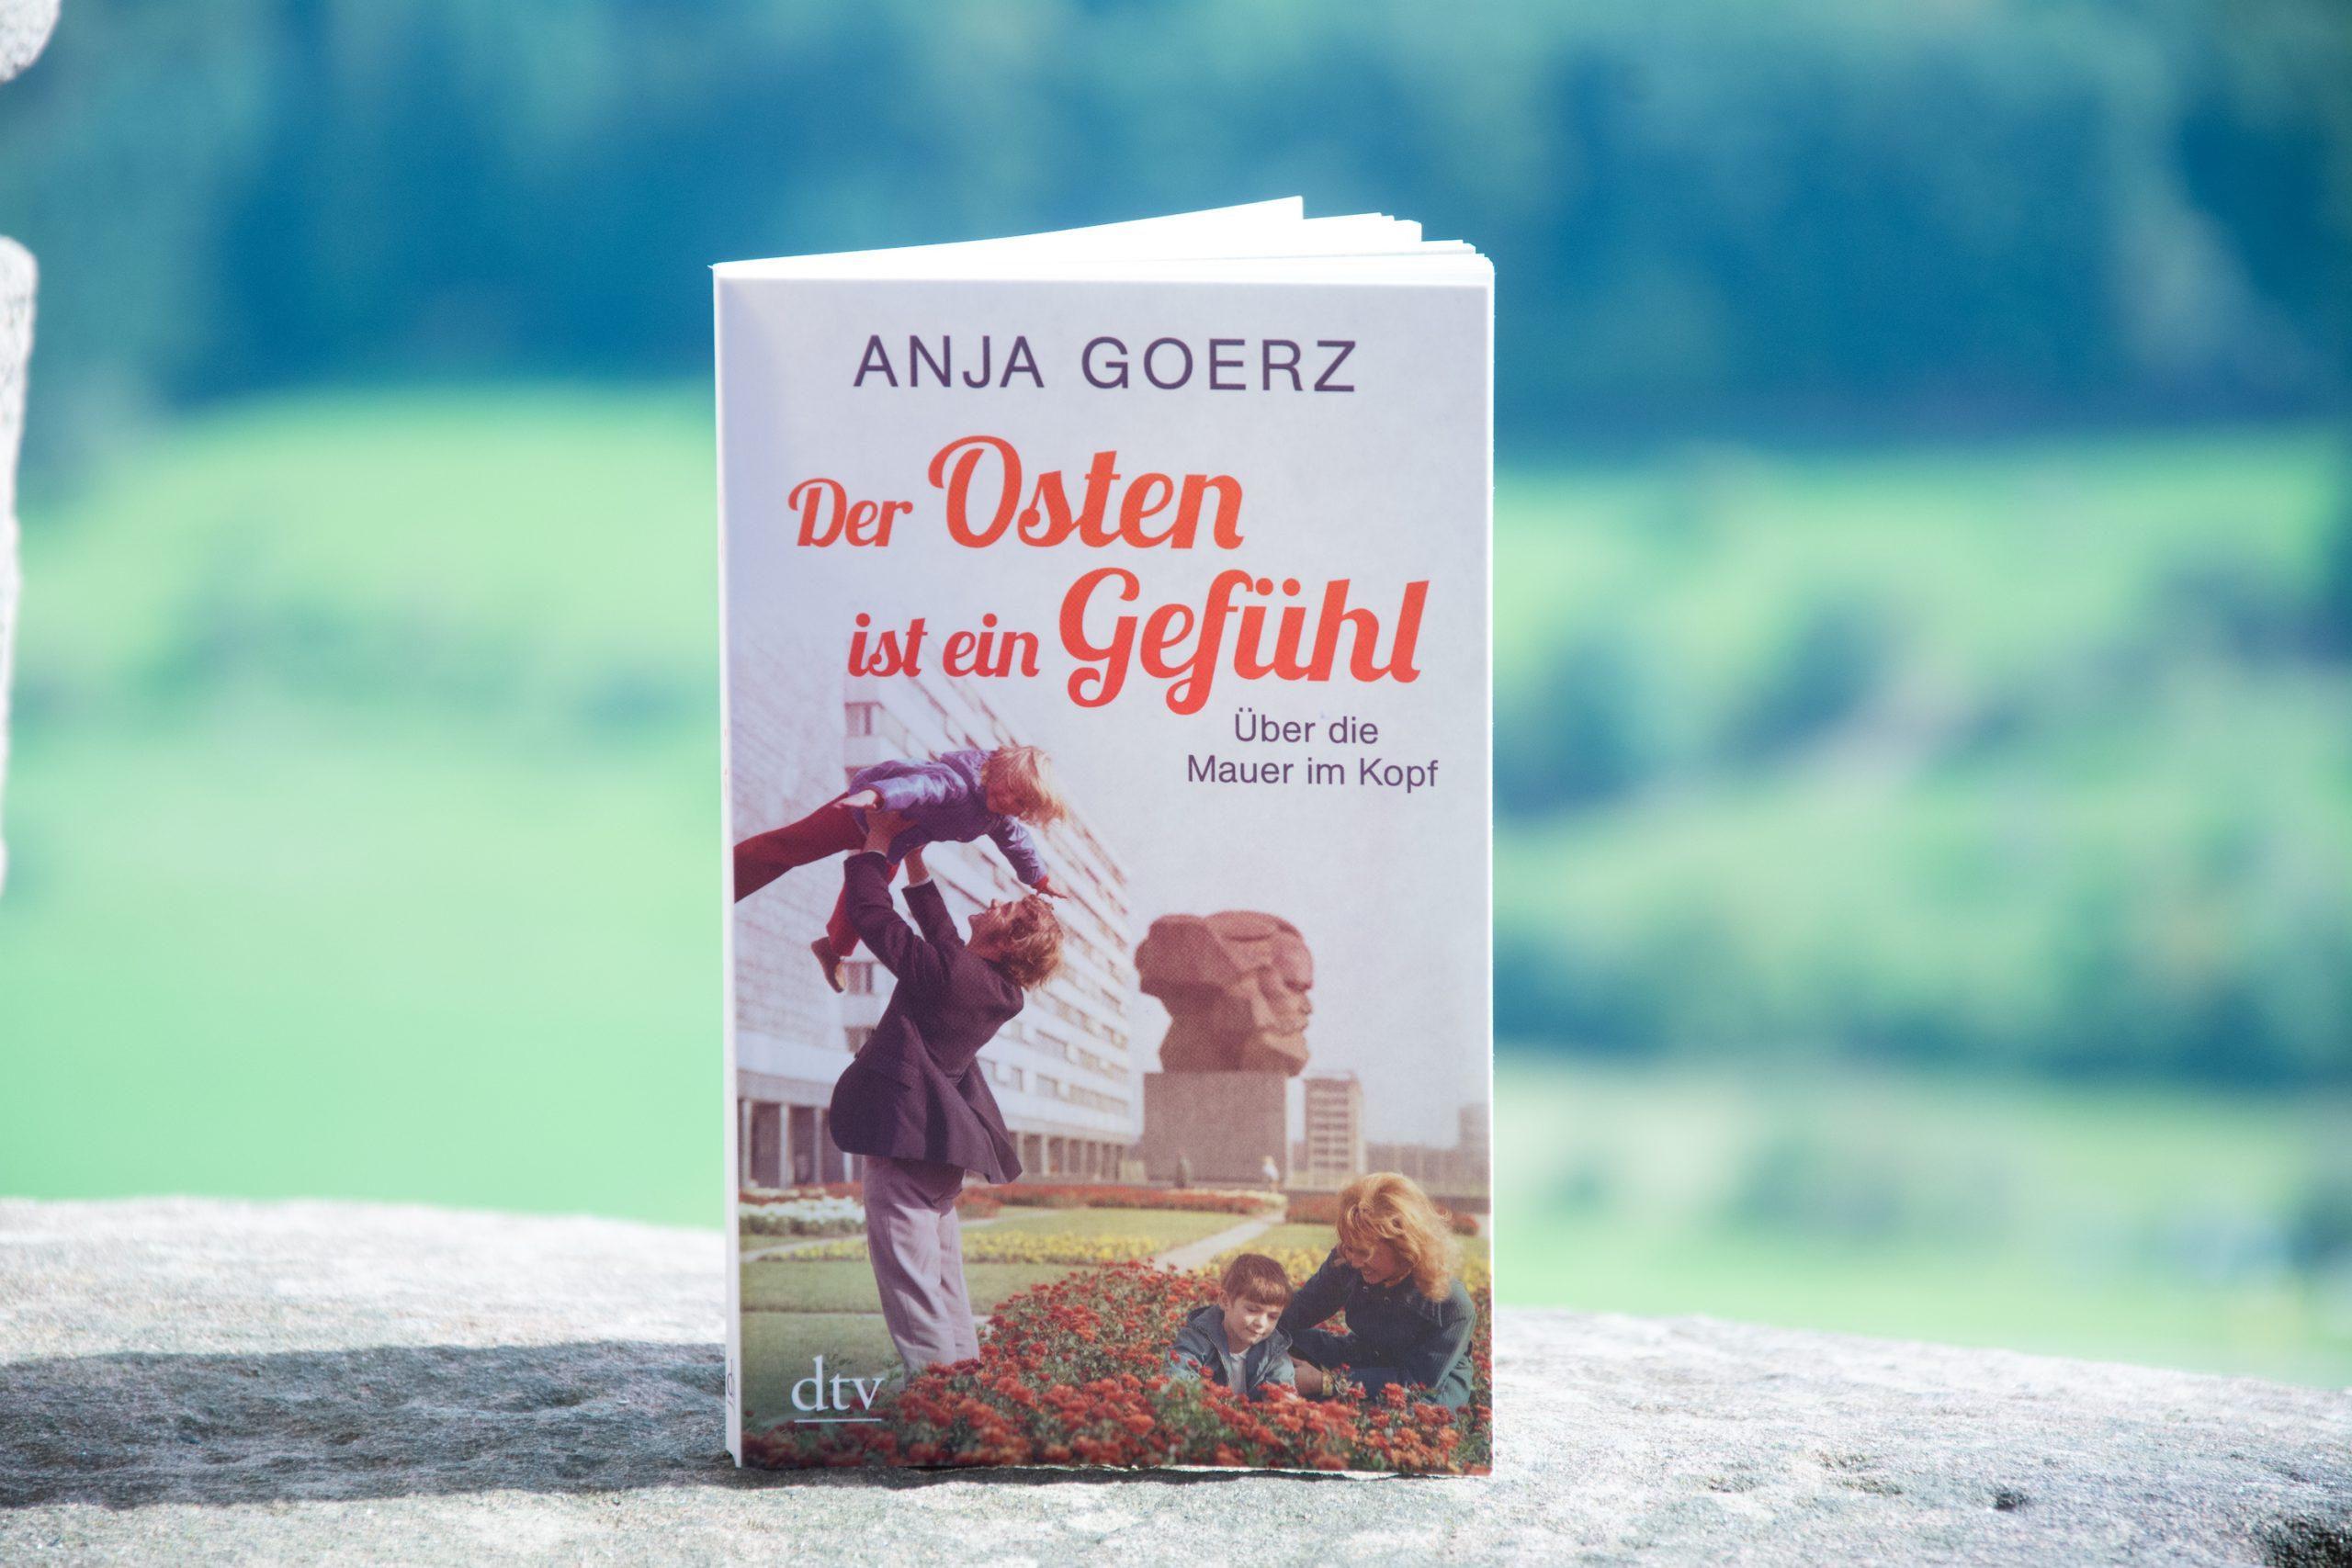 Literaturbesprechung:  »Der Osten ist ein Gefühl – Über die Mauer im Kopf« von Anja Goerz